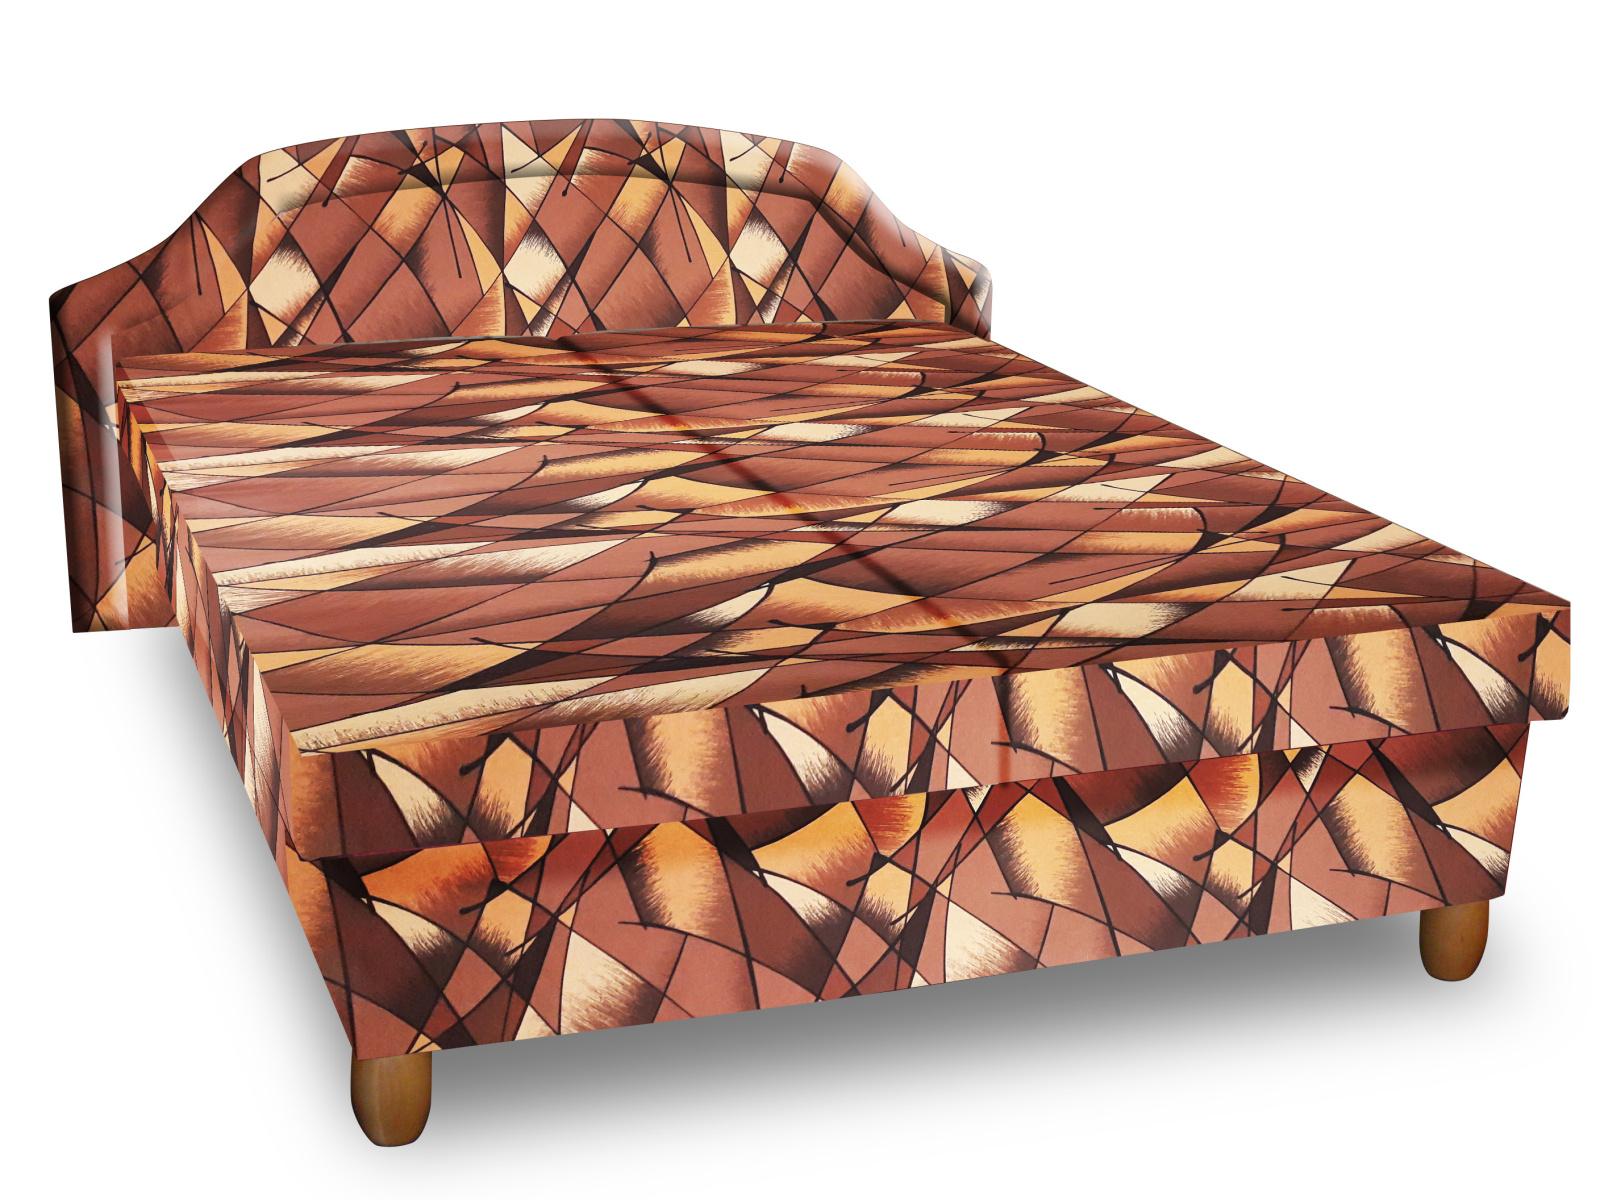 Smartshop Čalouněná postel KARINA 140x200 cm, hnědožlutá látka